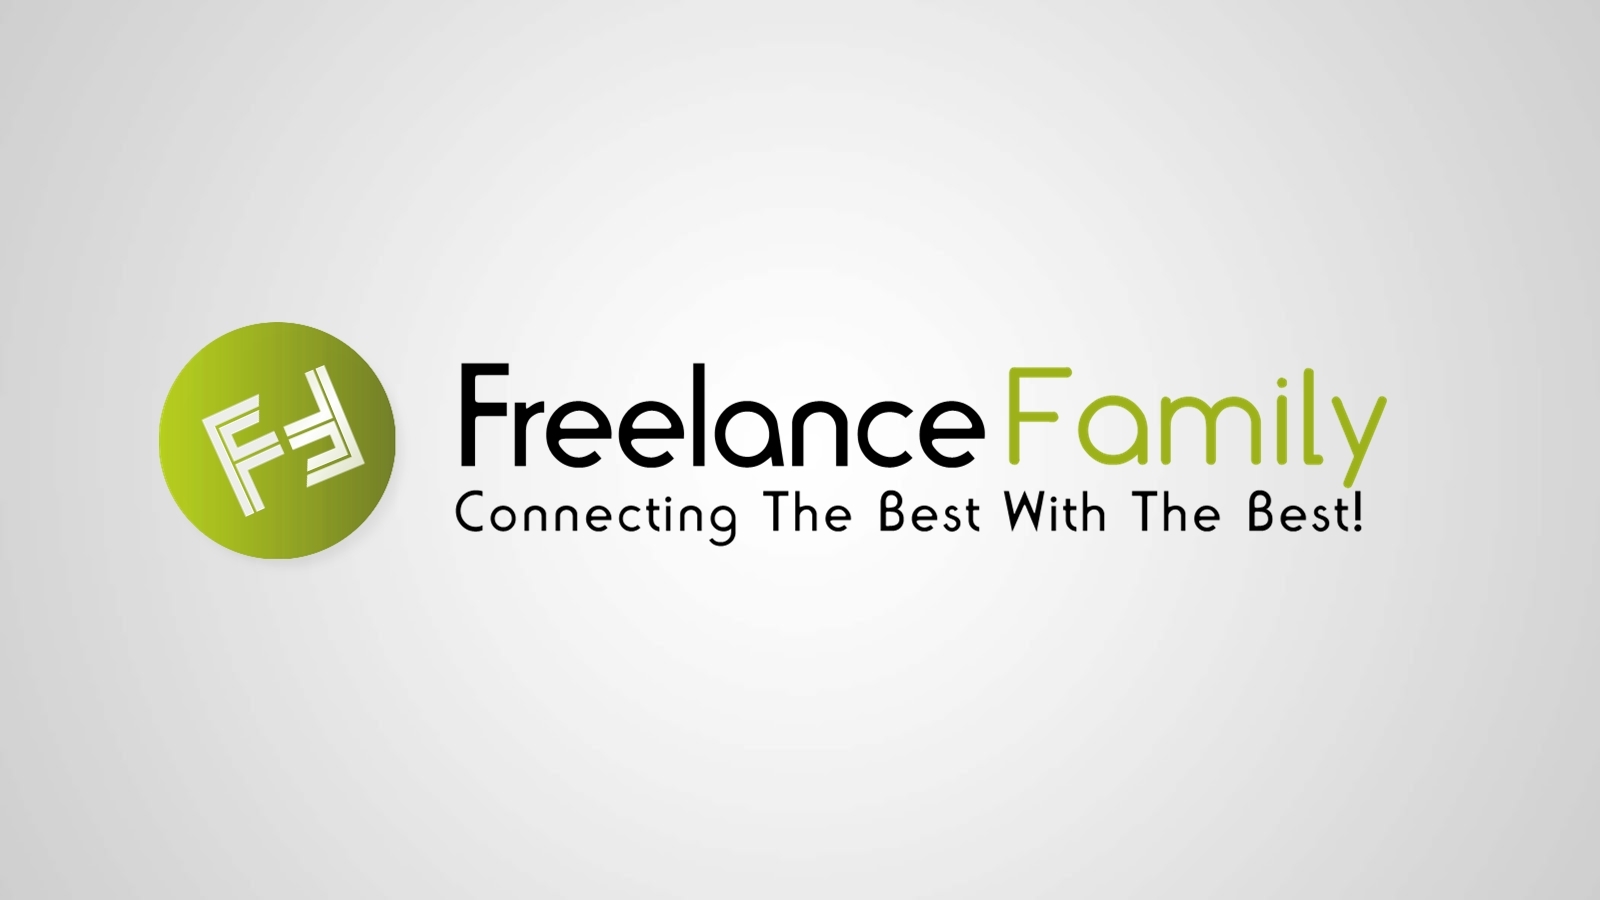 FreelanceFamilyLogo